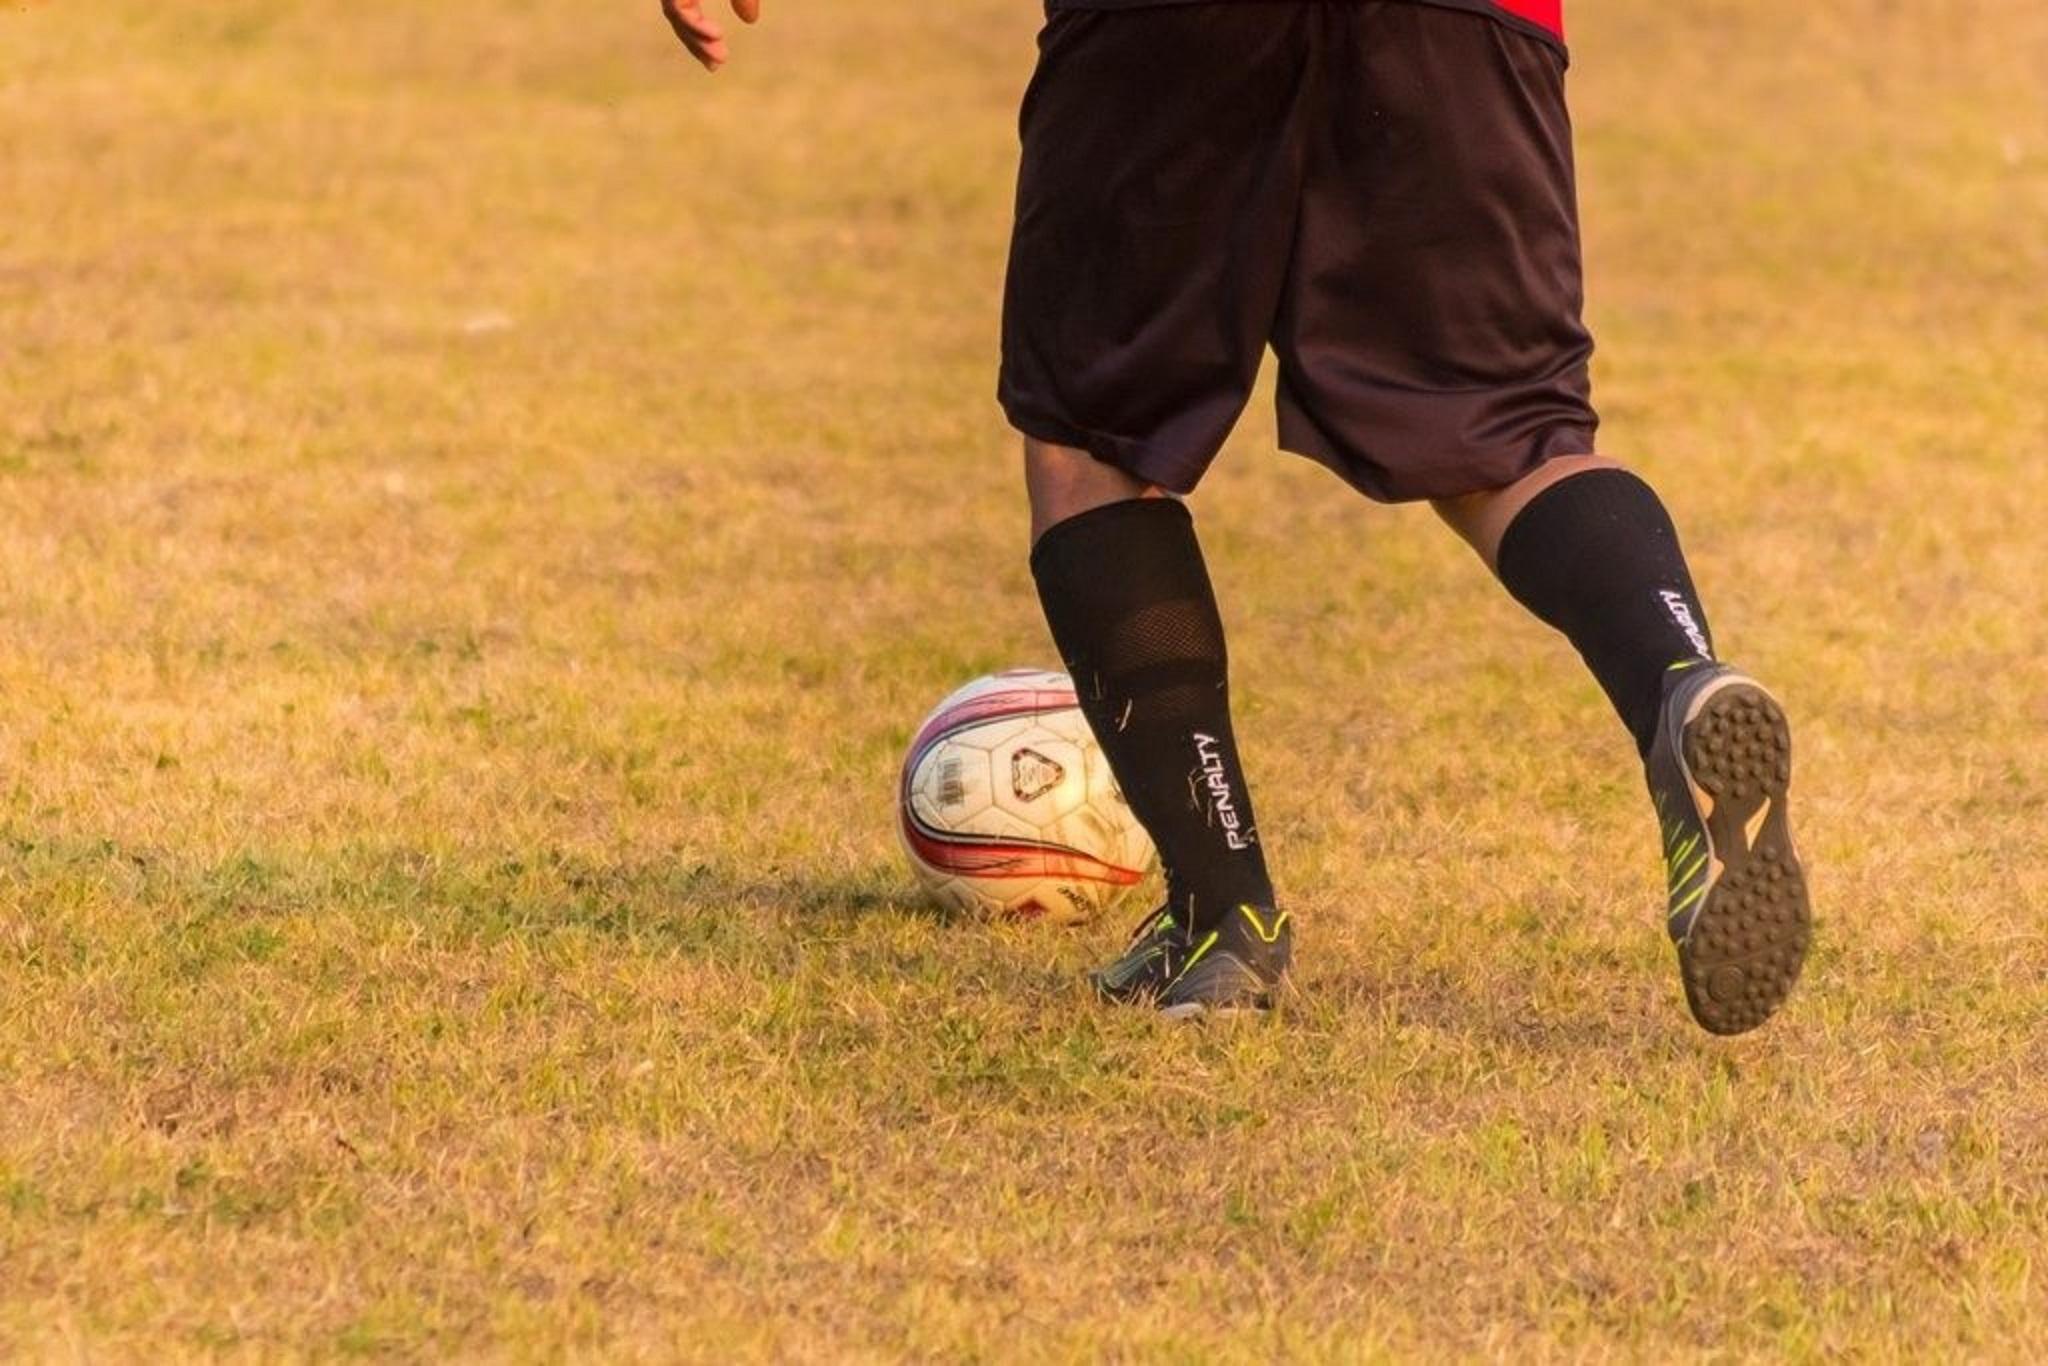 Ministério Público denuncia jogador de futebol por homicídio duplamente qualificado contra presidente do Clube Nacional de Rolândia